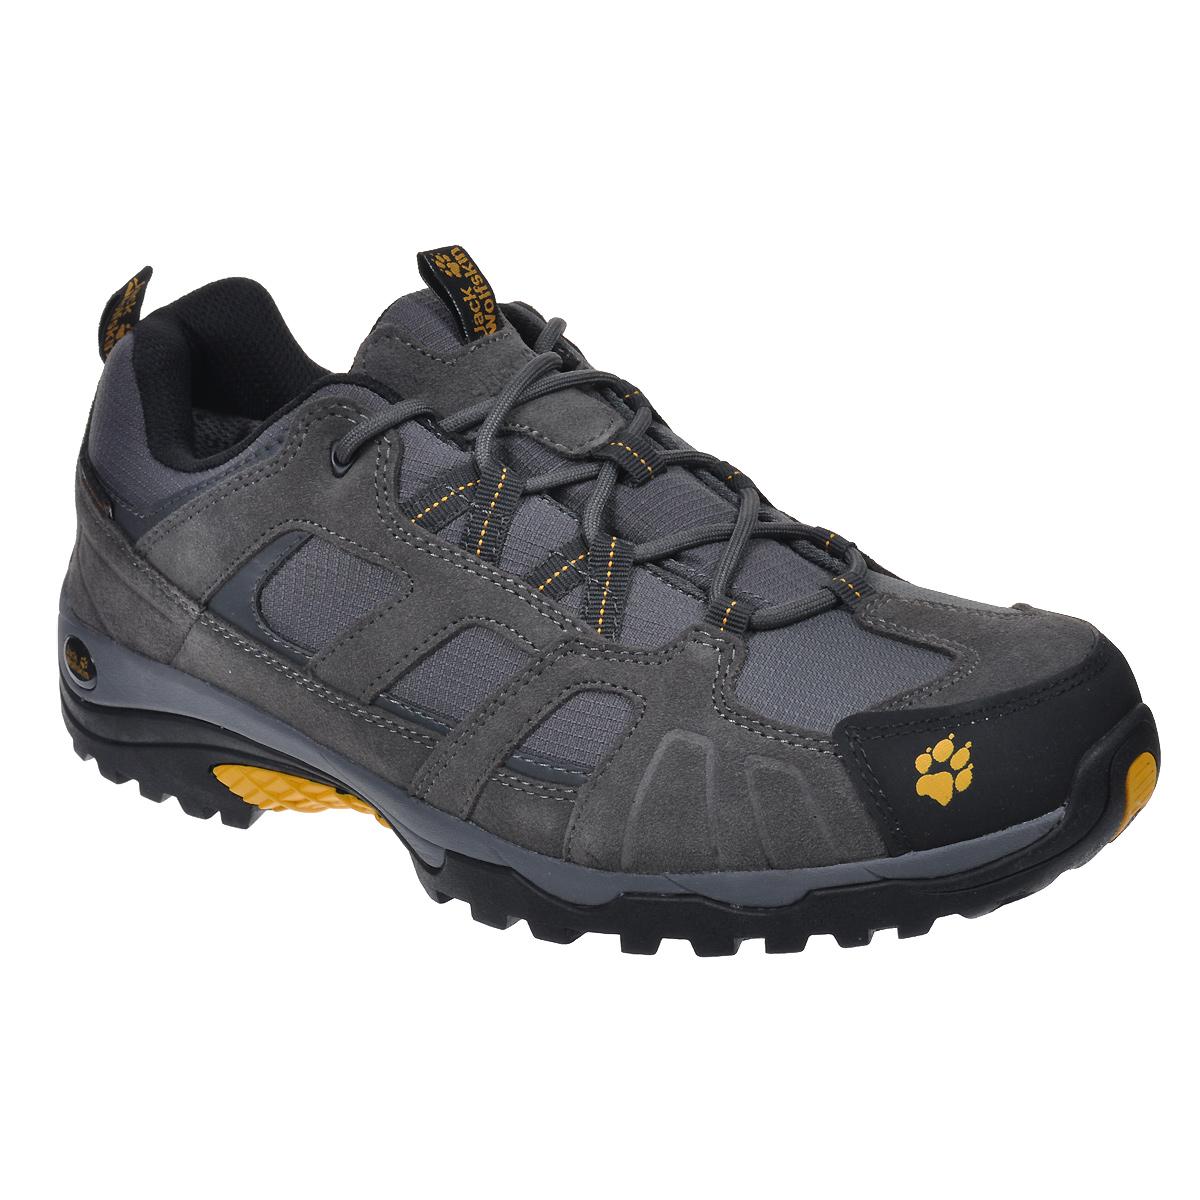 Купить Полуботинки трекинговые мужские Jack Wolfskin Vojo Hike Texapore, цвет: серый. 4011381-3800090. Размер 8 (40, 5)